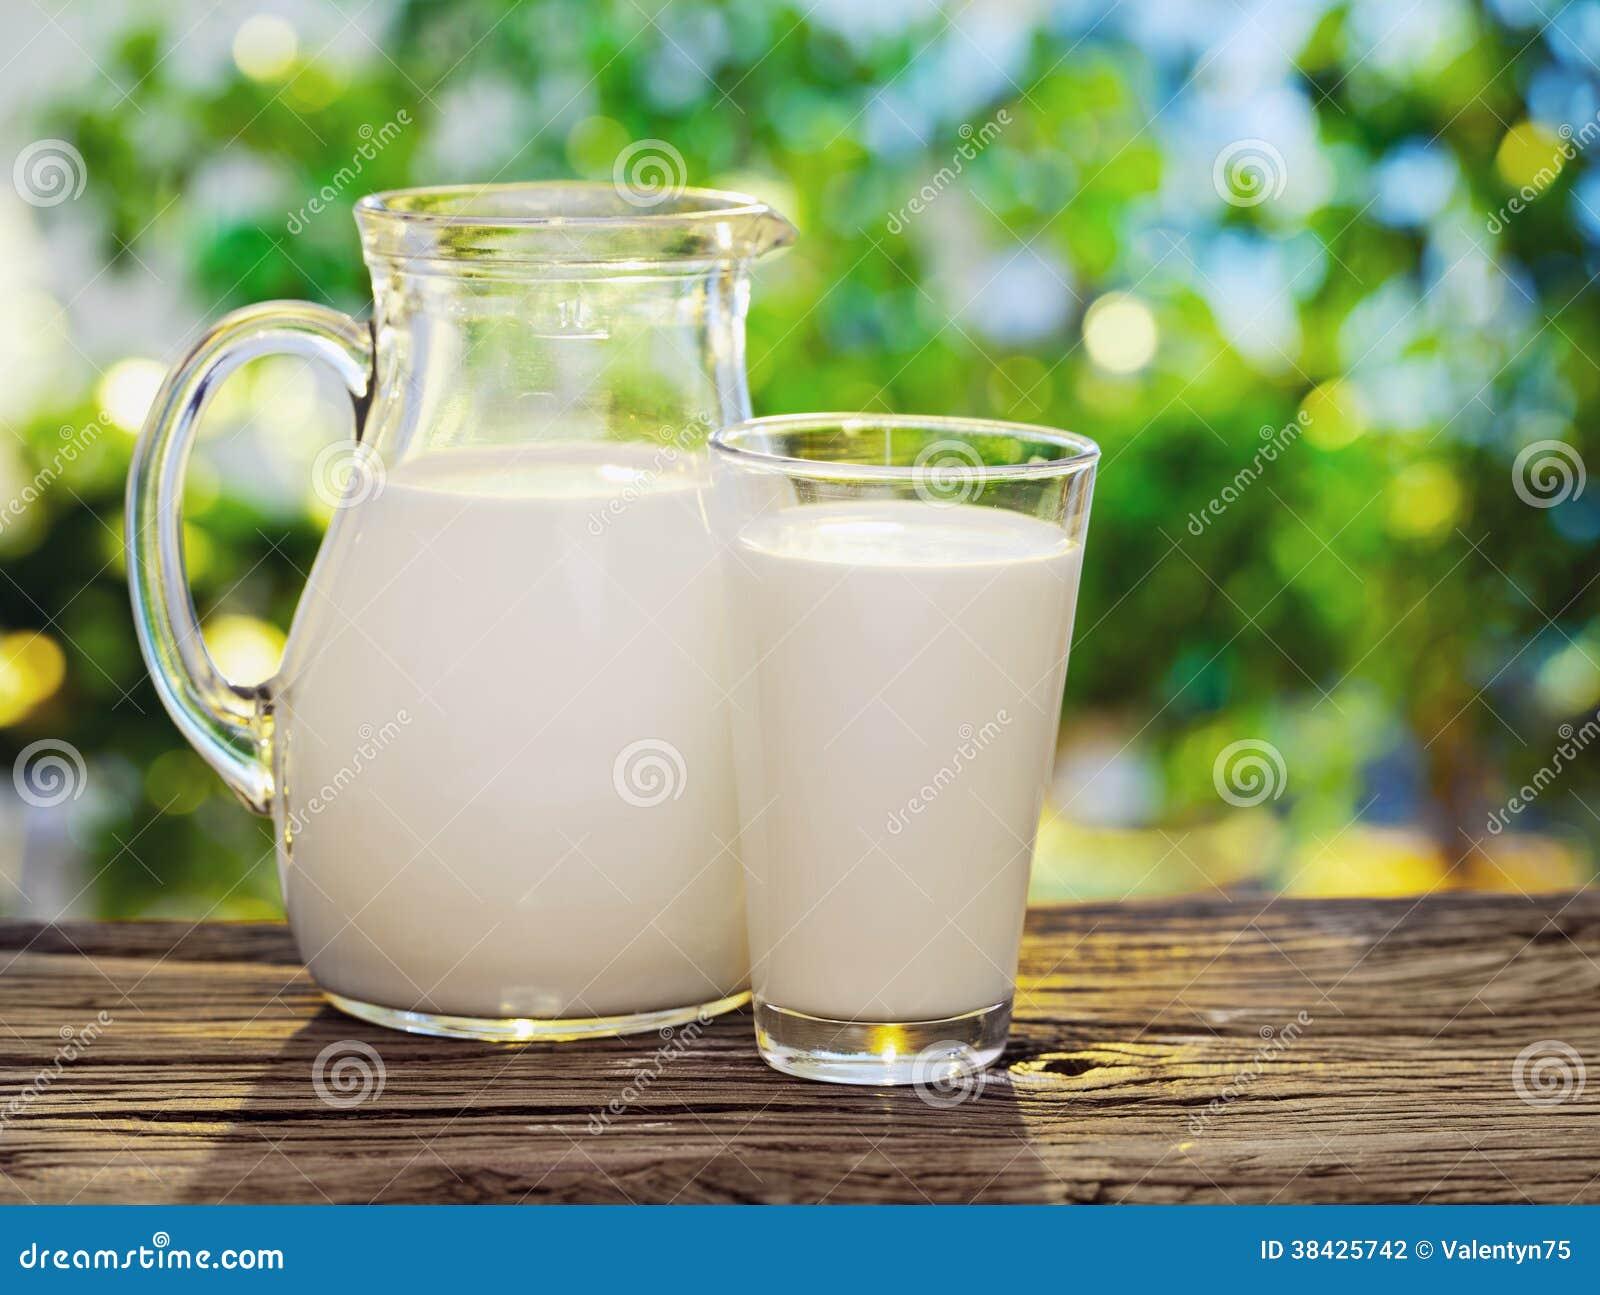 在瓶子和玻璃的牛奶。